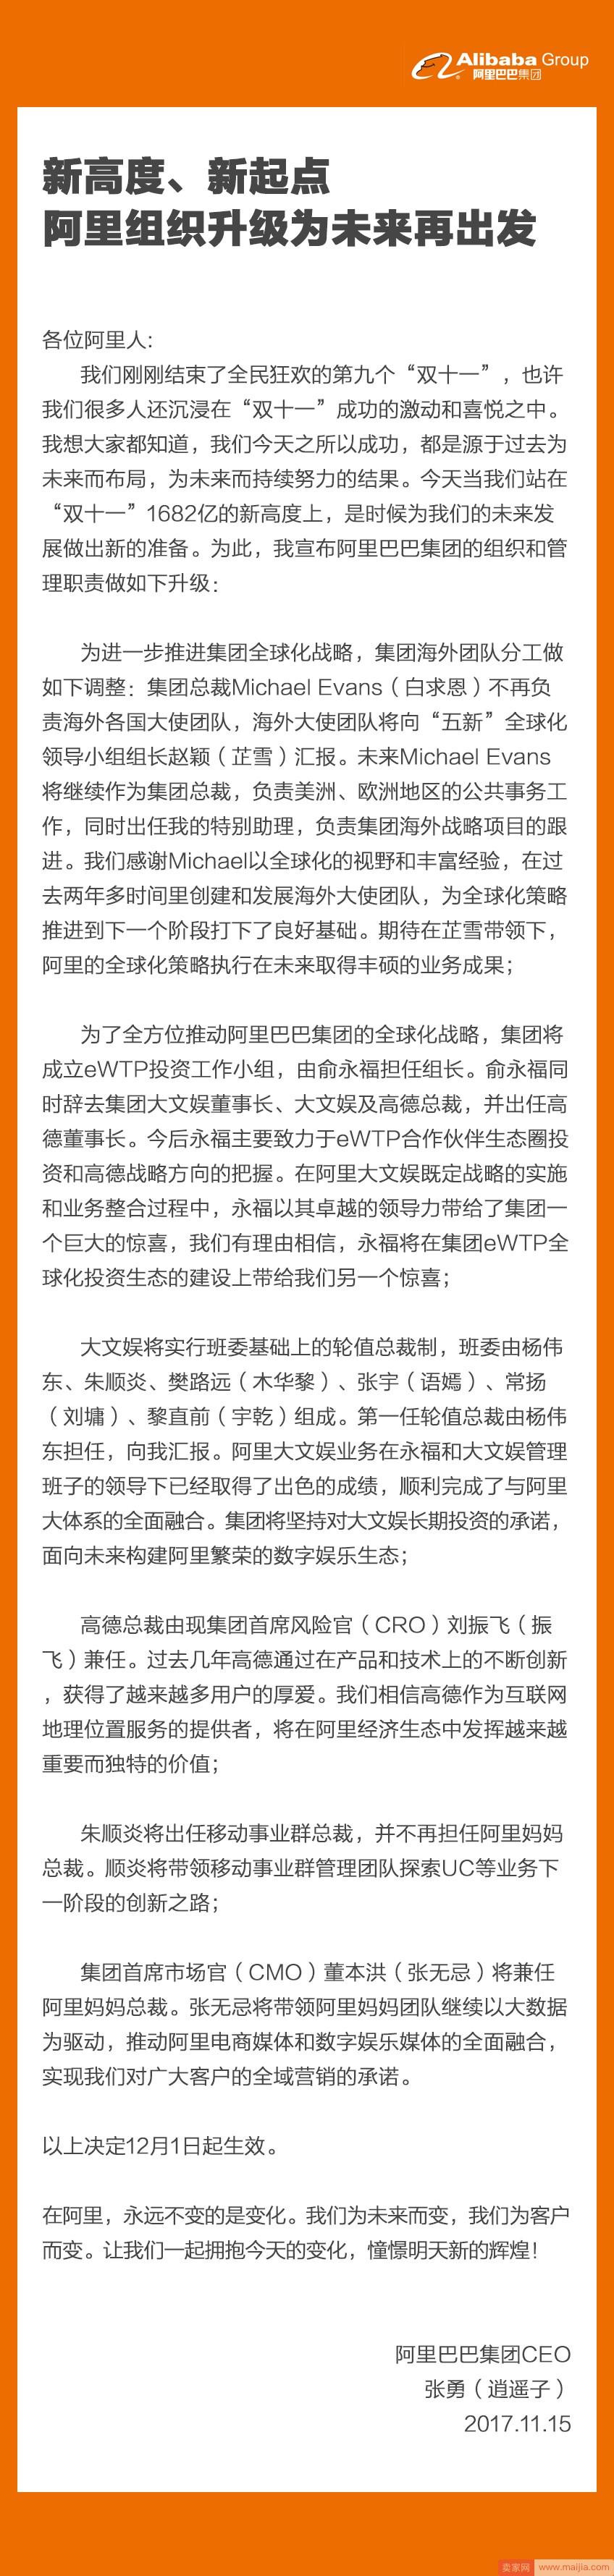 俞永福卸任大文娱去做阿里全球化投资,马云真的不容易!